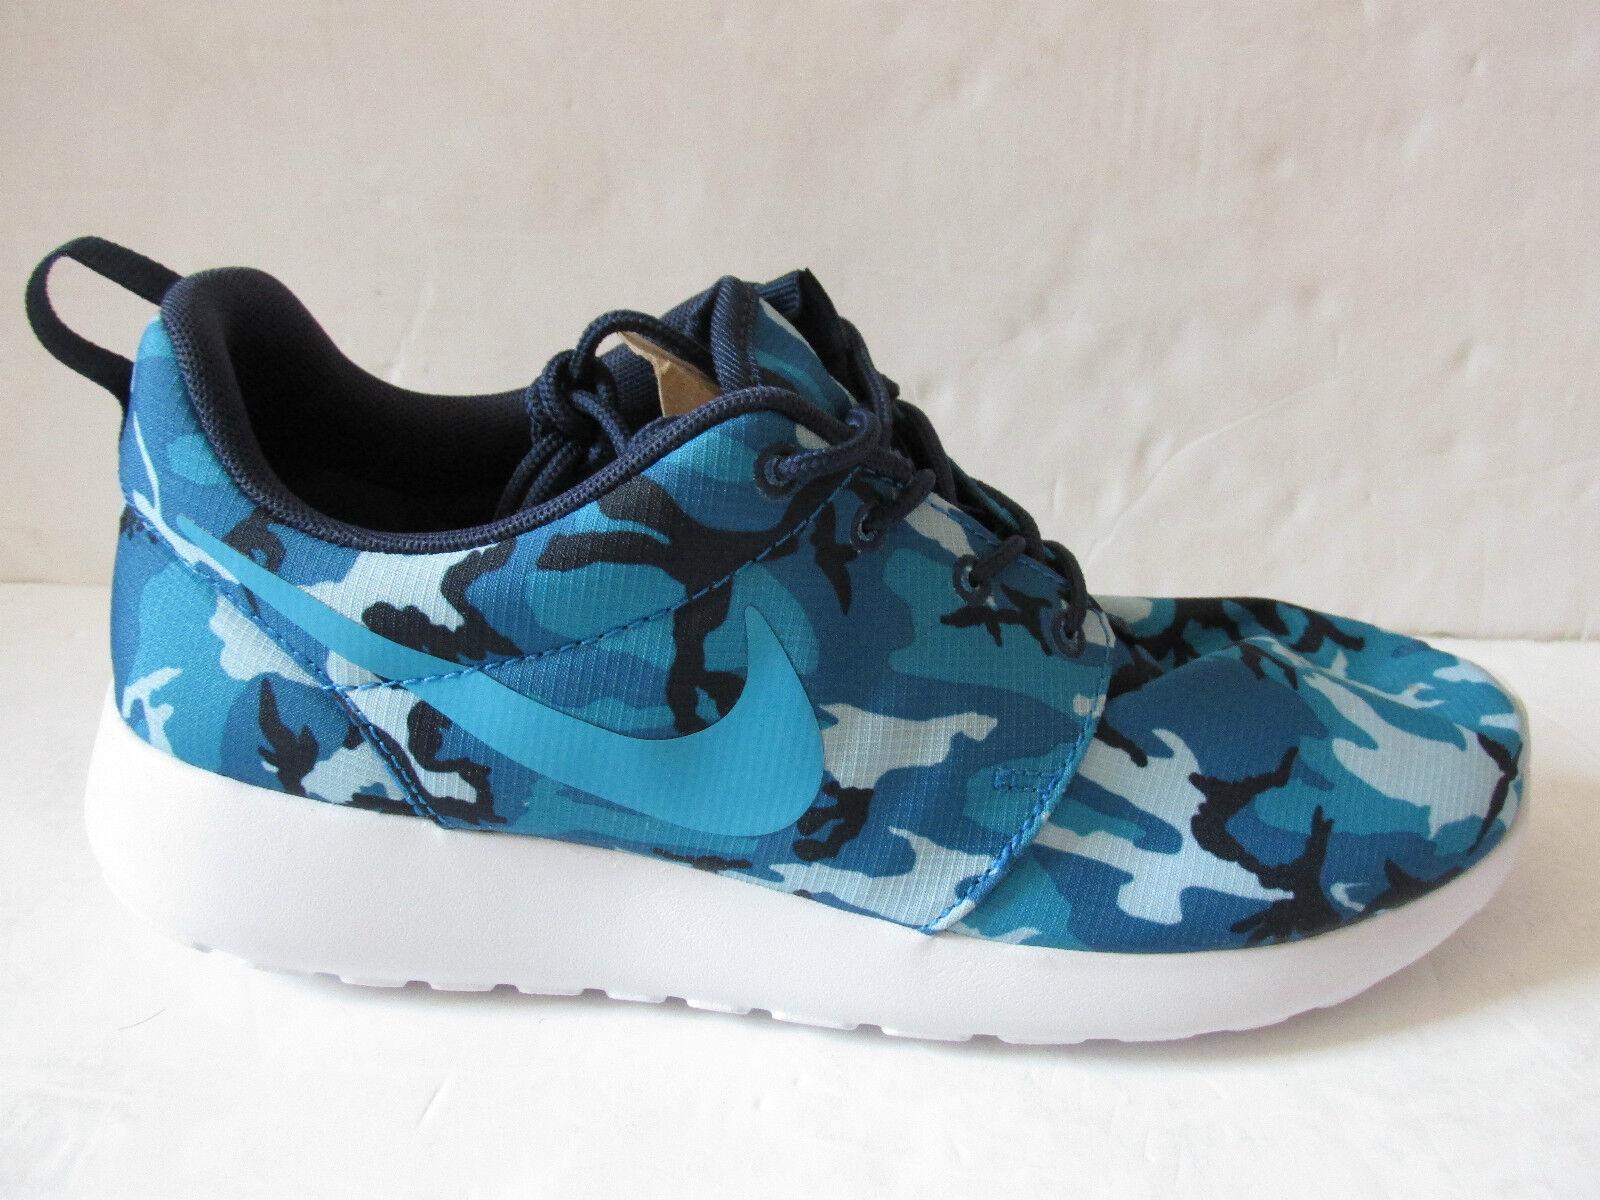 Nike Running Rosherun Estampado Zapatillas Running Nike Hombre 655206 441 Zapatillas d8e18a